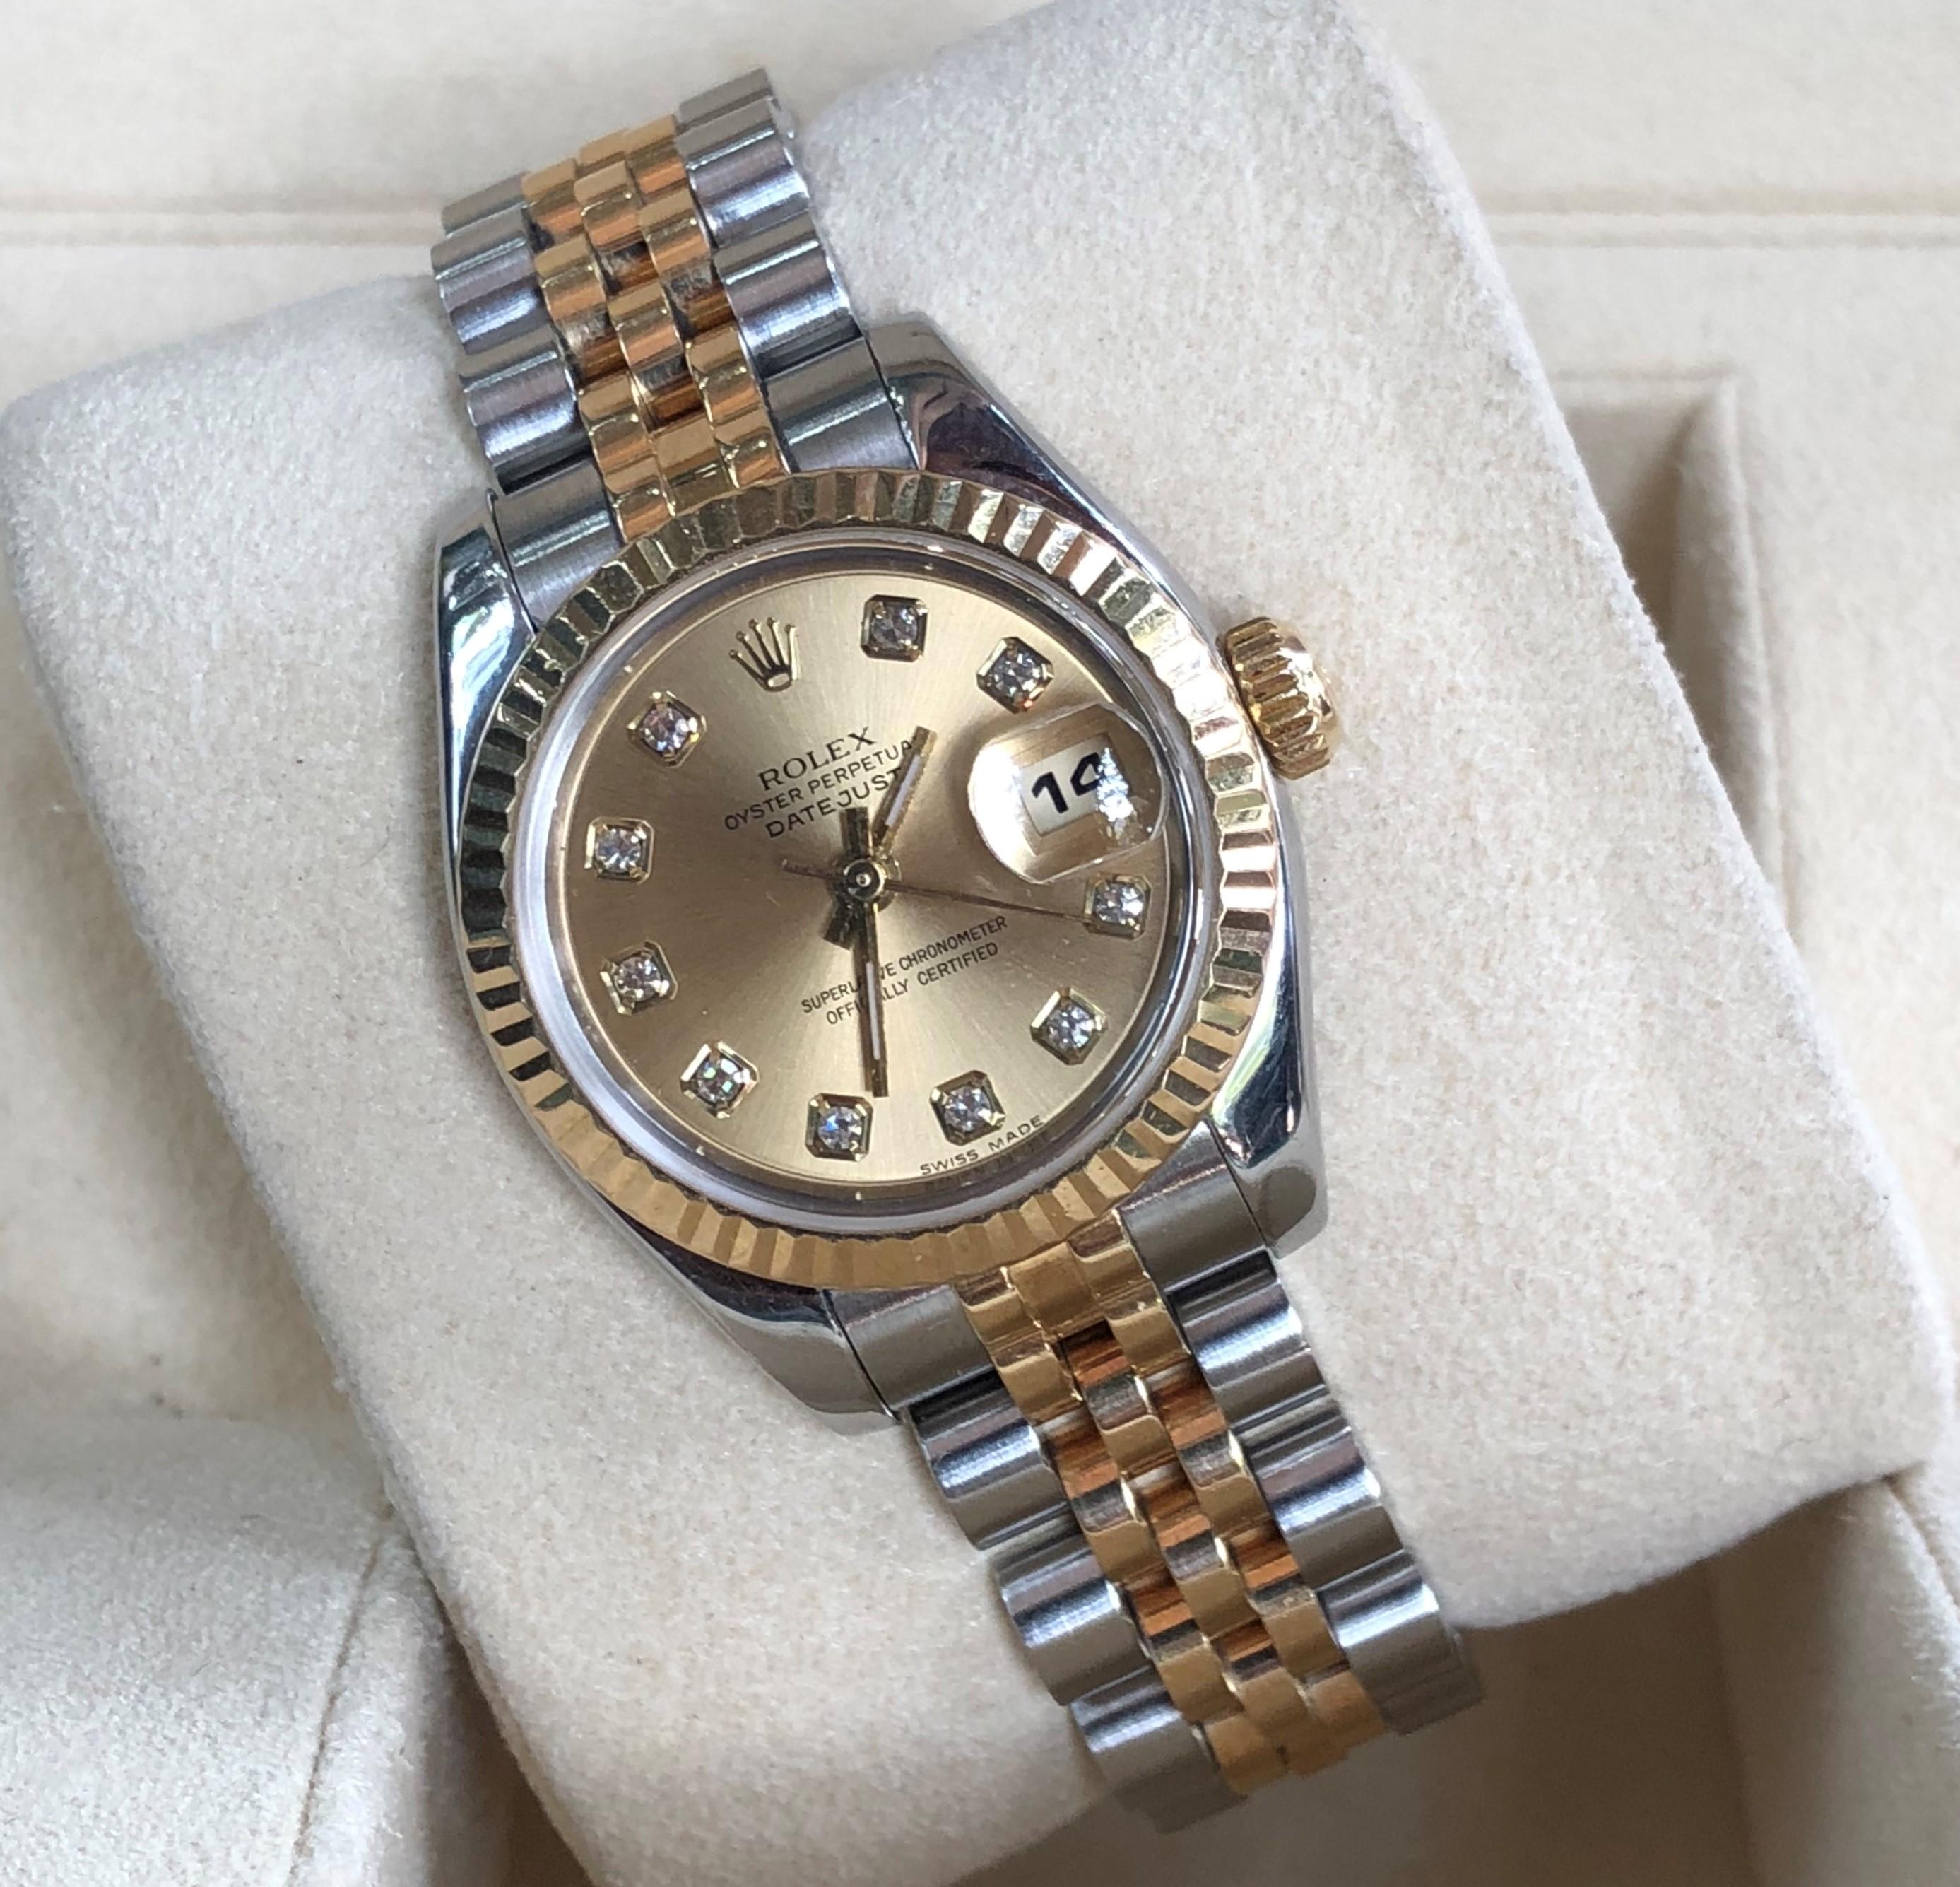 Rolex nữ 179173 demi vàng 18k kích thước 26mm đời 2003/2004